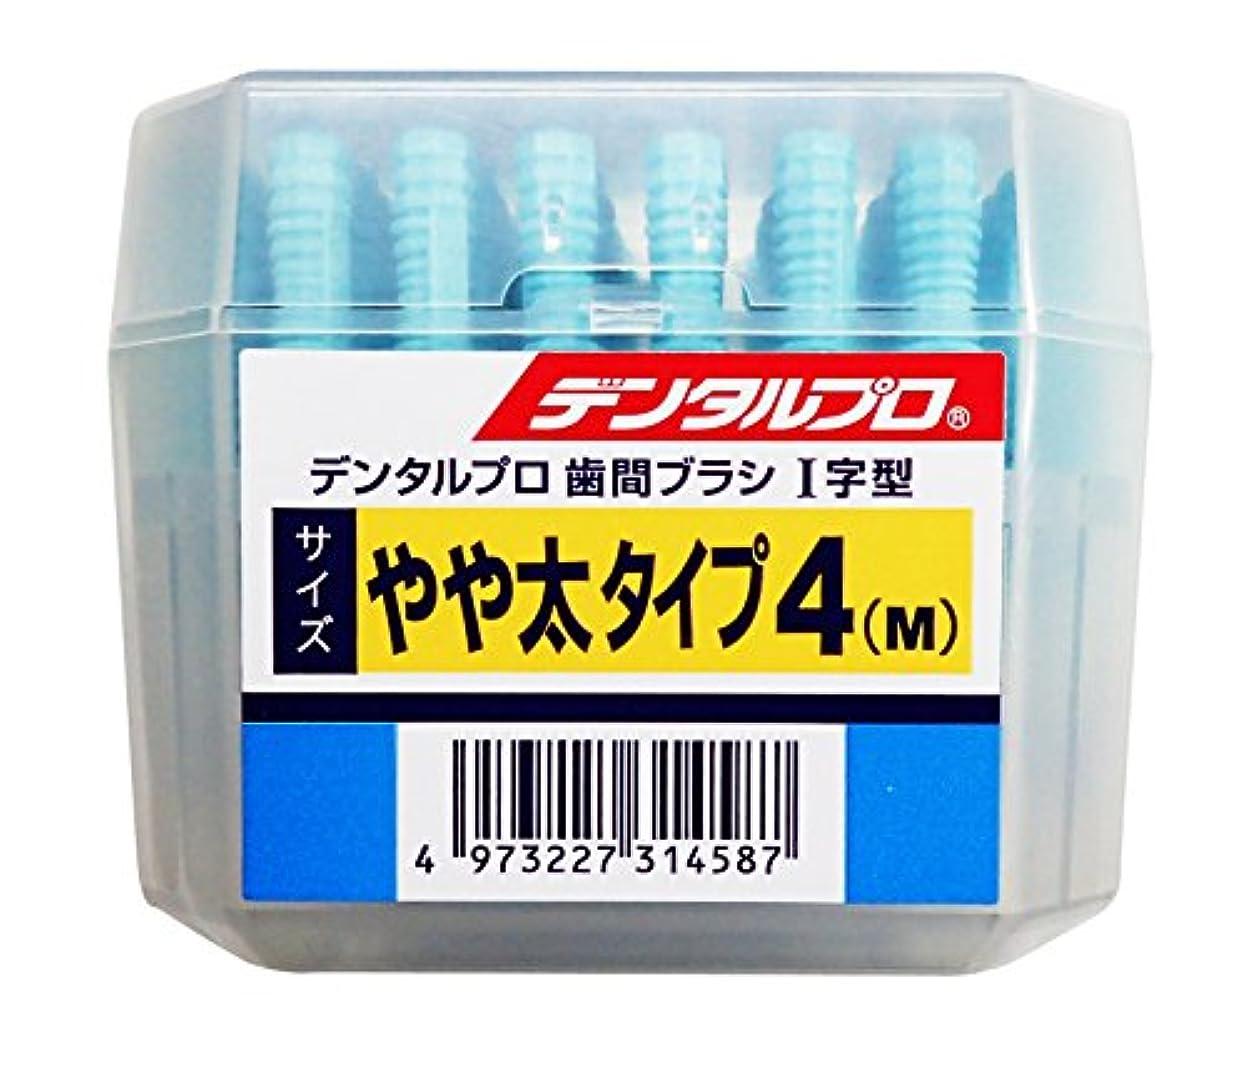 花婿言い訳ナースデンタルプロ 歯間ブラシ<I字型> サイズ4(M) 50本